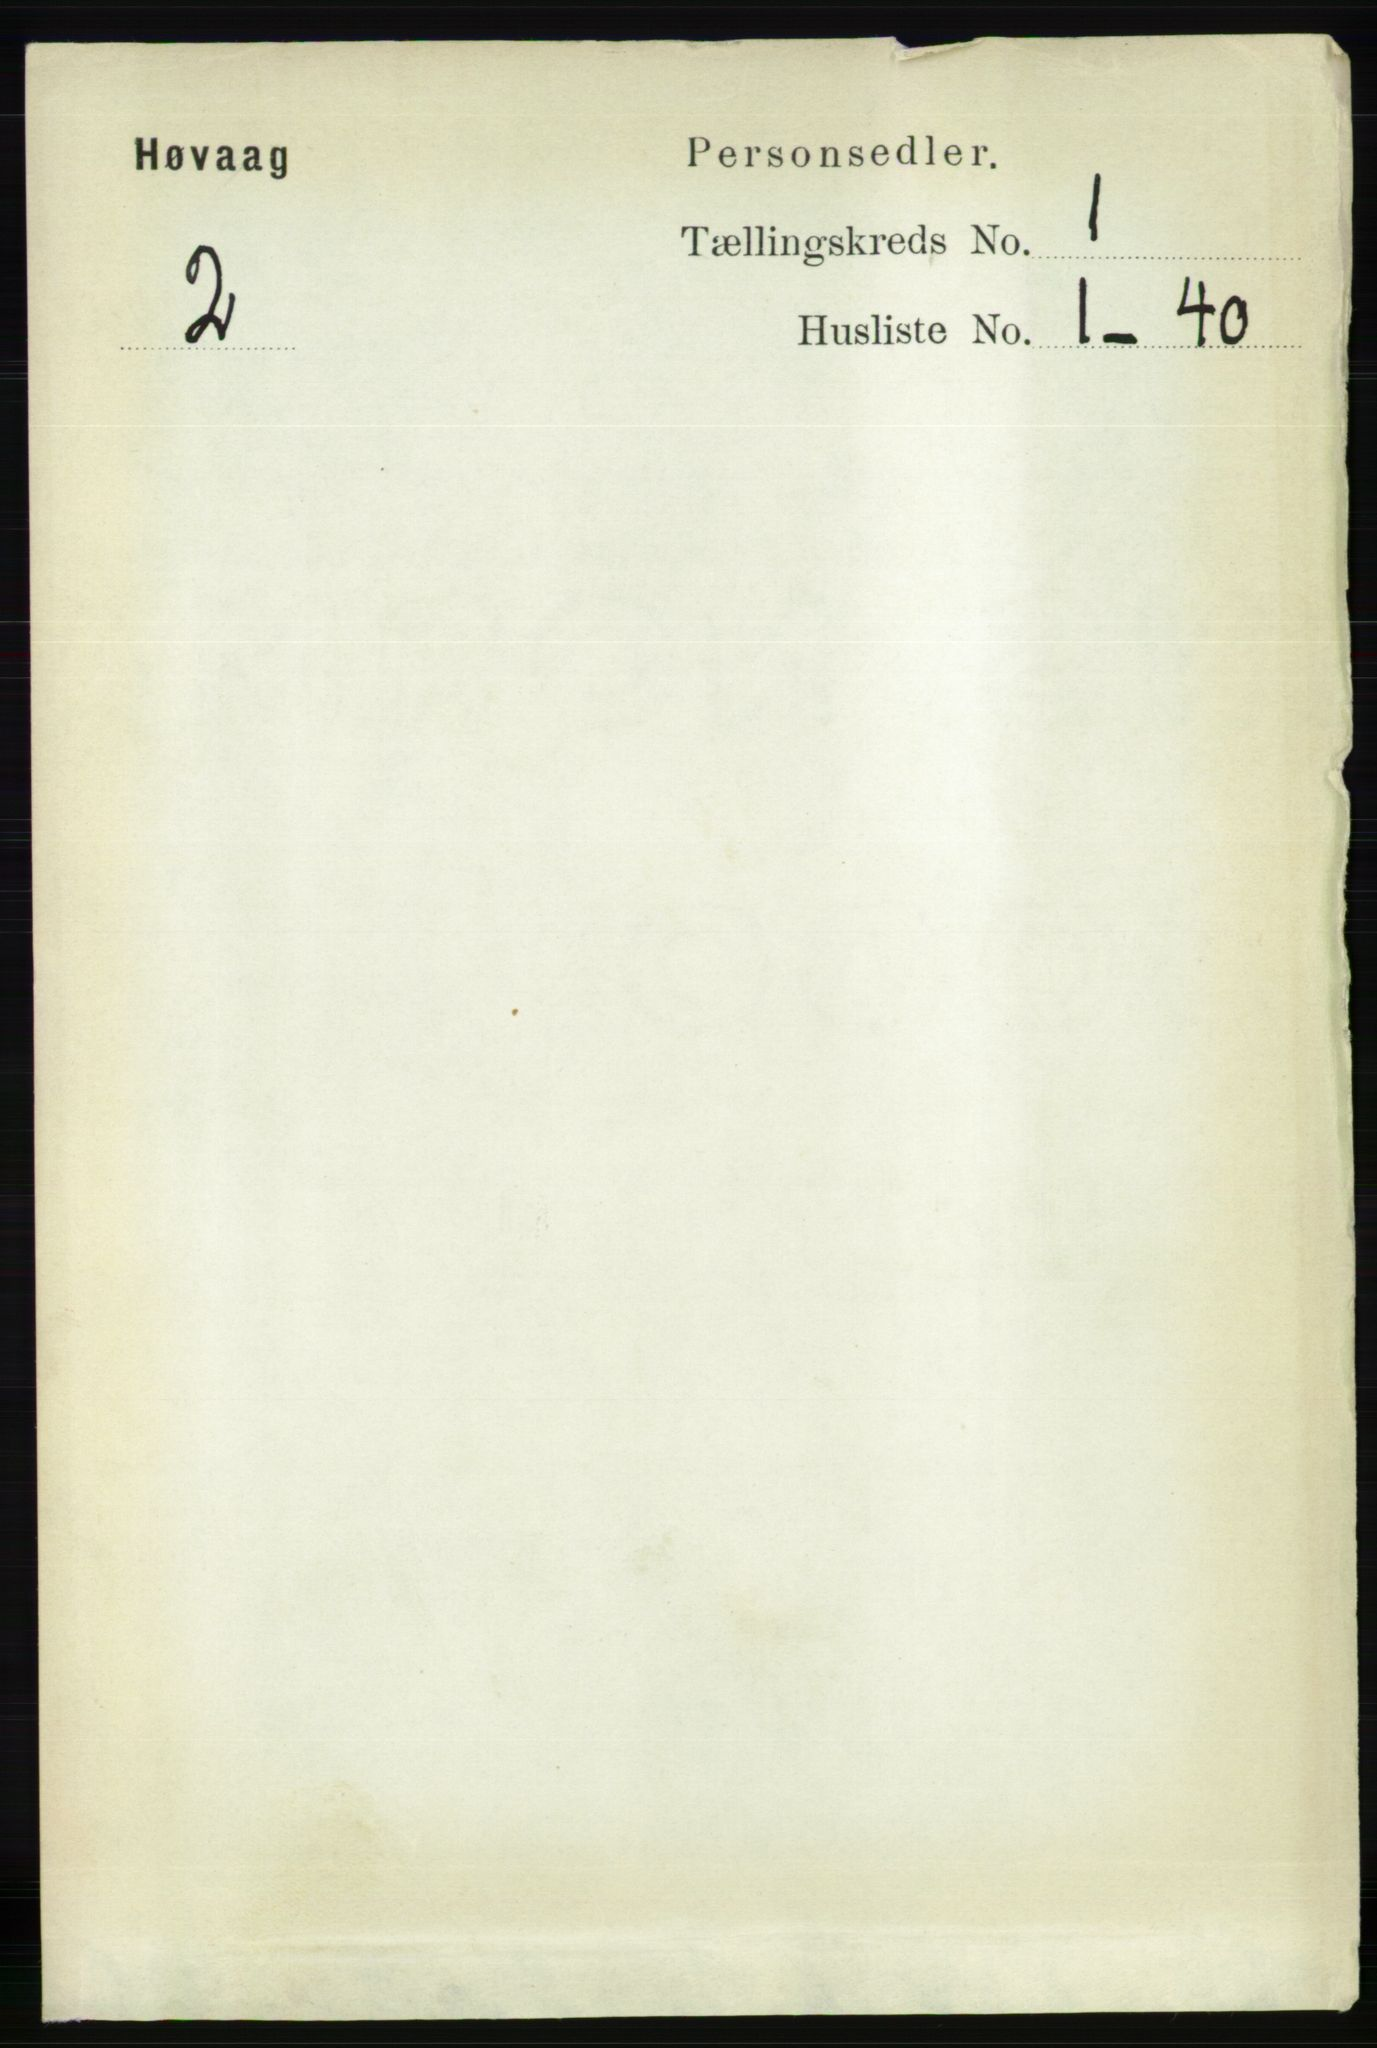 RA, Folketelling 1891 for 0927 Høvåg herred, 1891, s. 90